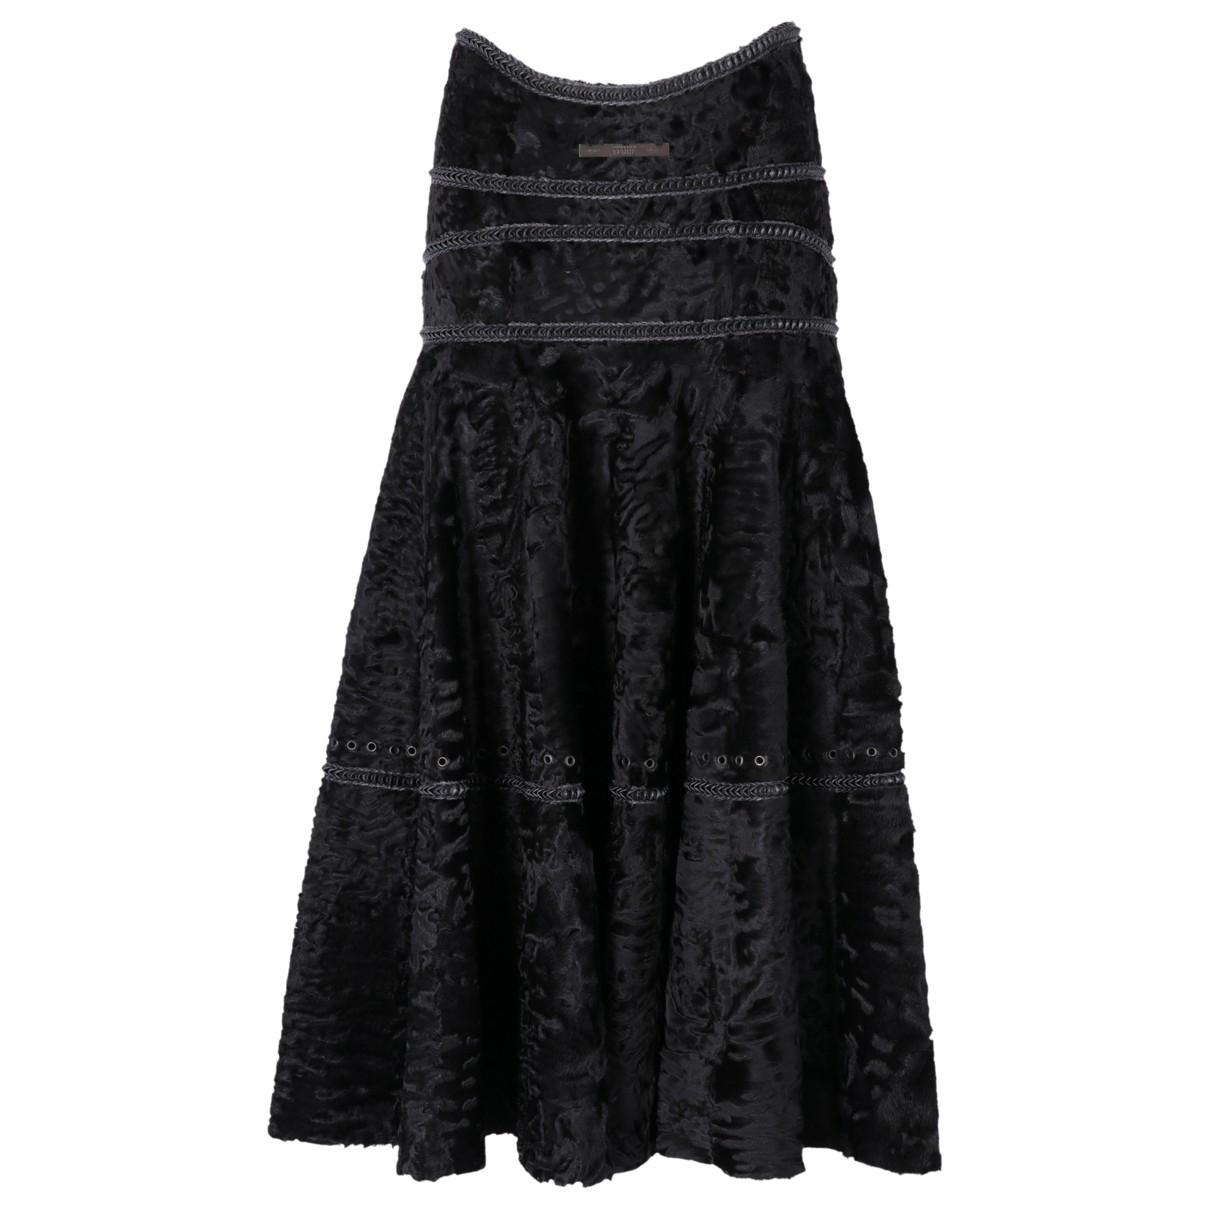 Gianfranco Ferré \N Black Astrakhan skirt for Women 42 IT